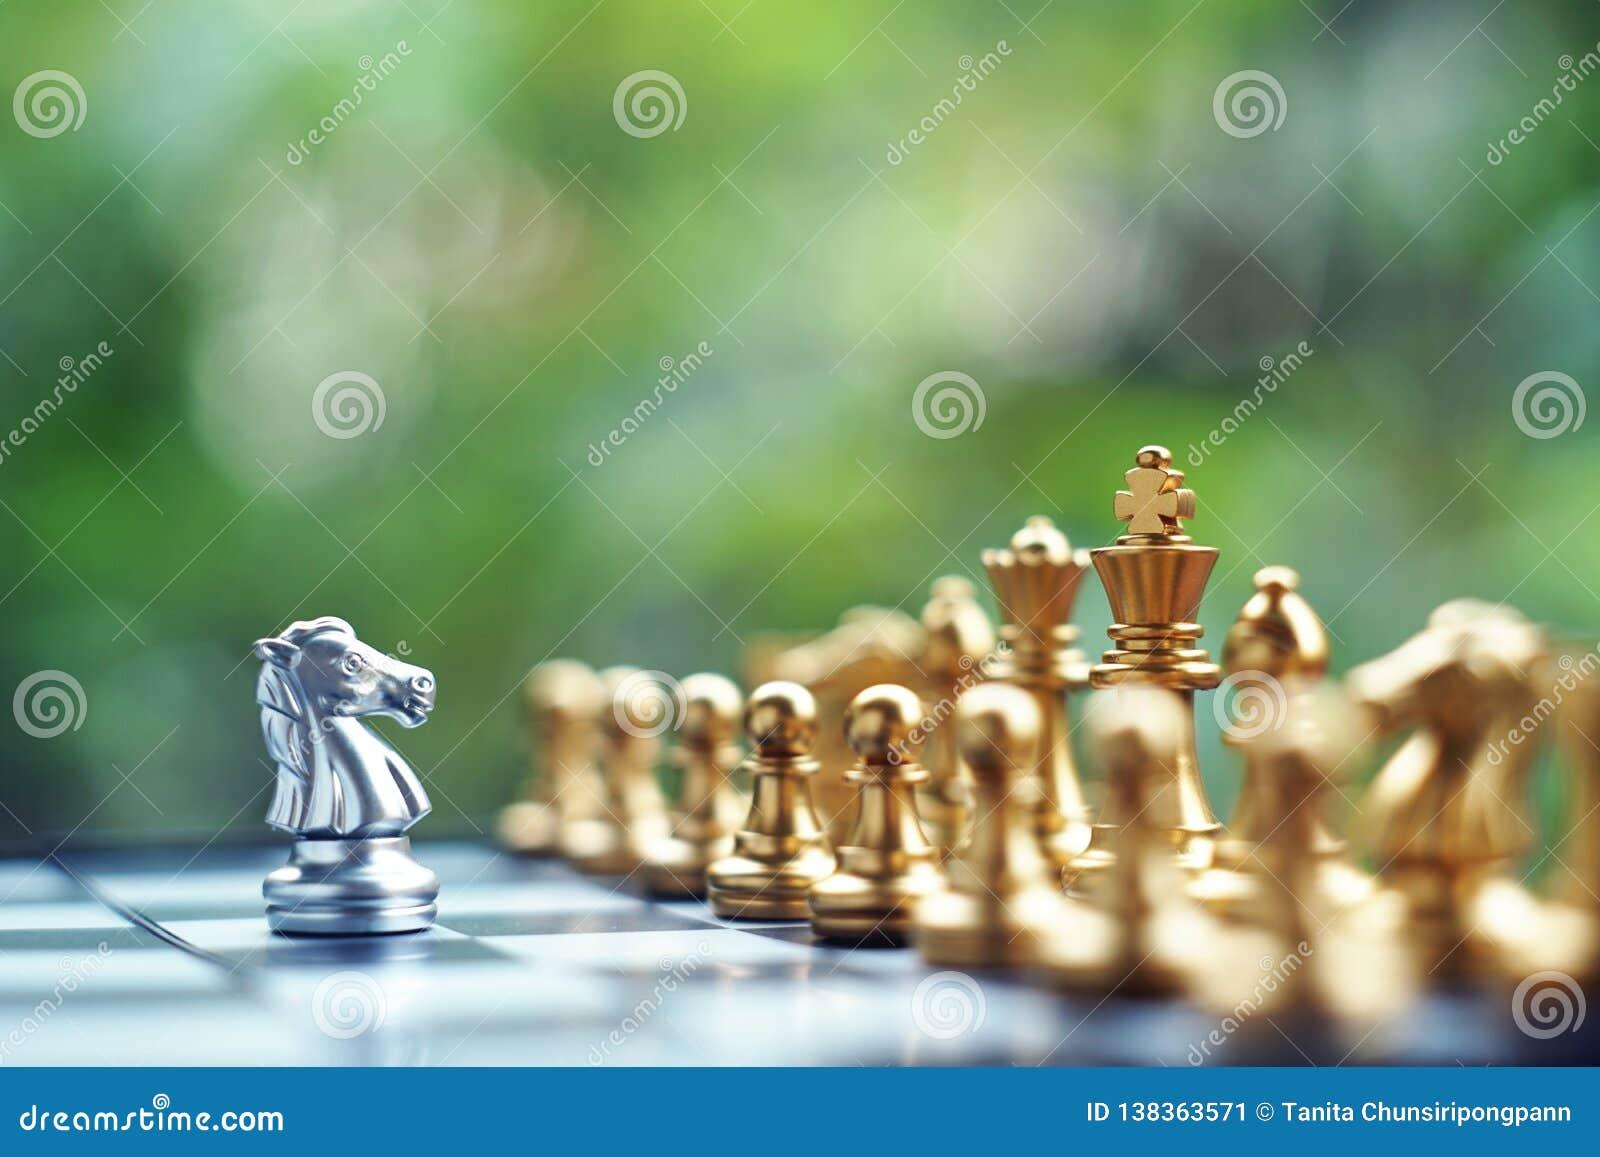 Jeu de société d échecs Combat entre l équipe argentée et d or Affaires concurrentielles et concept de planification de stratégie